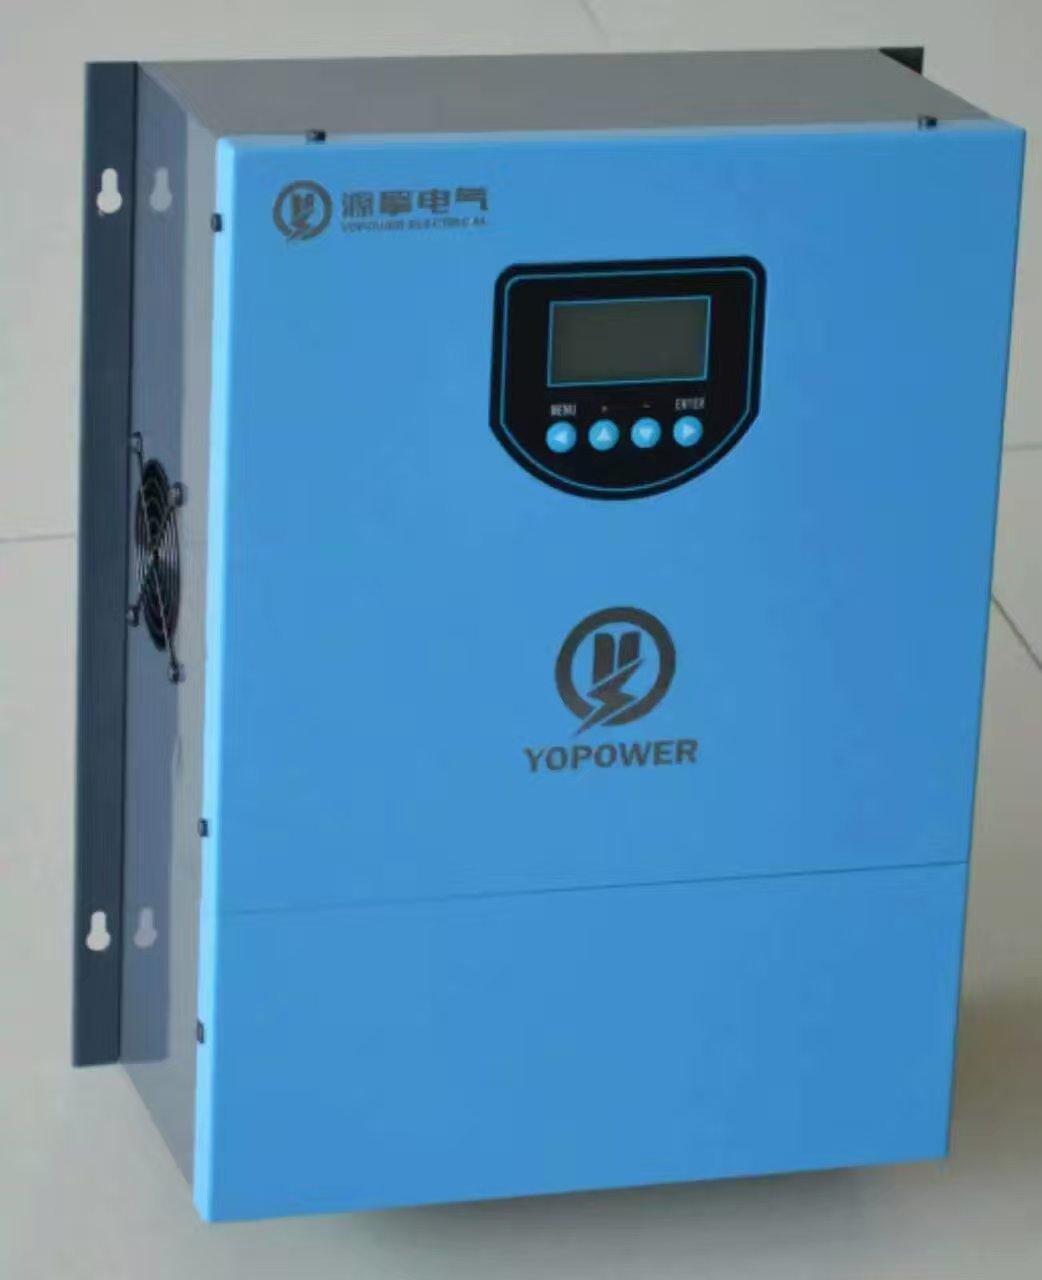 鹤岗正泰太阳能充电控制器 真诚推荐 杭州易达光电供应